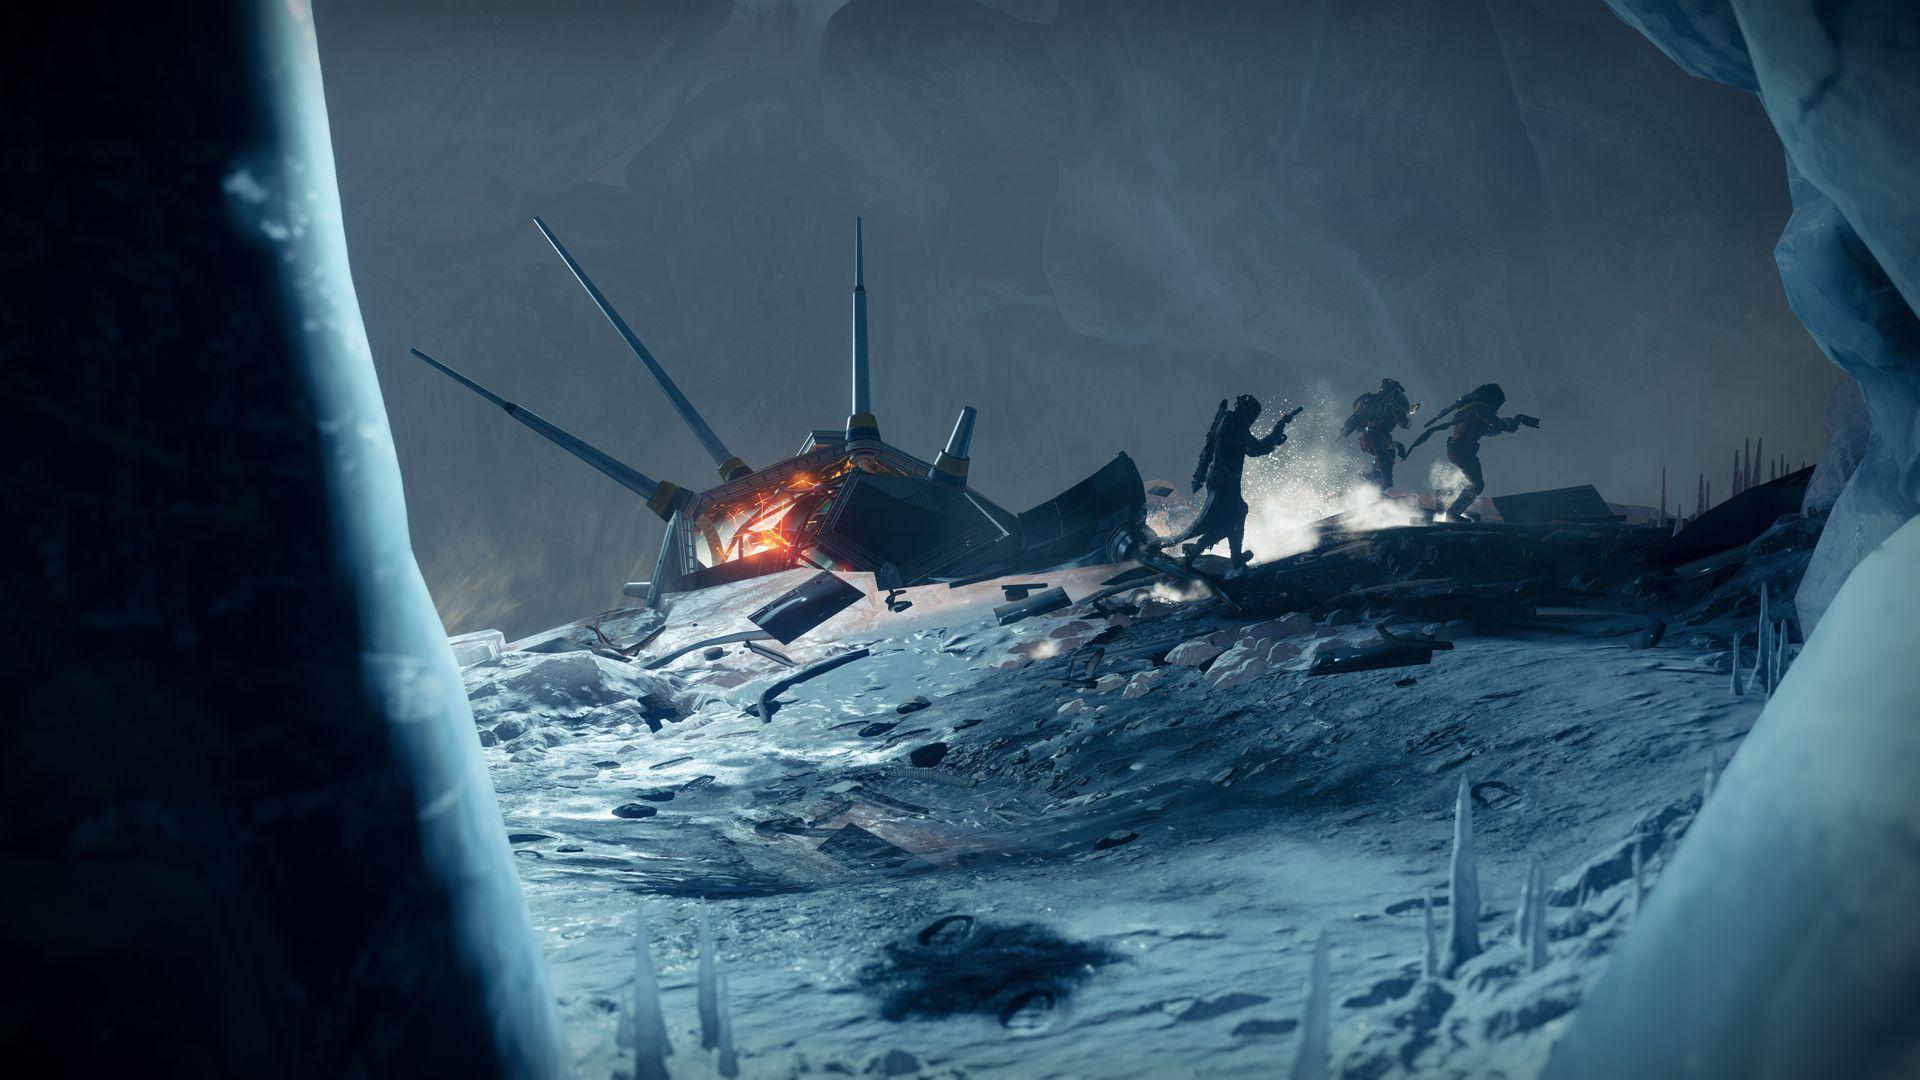 Destiny 2' Warmind DLC Not Working on Xbox & PS4, Bungie